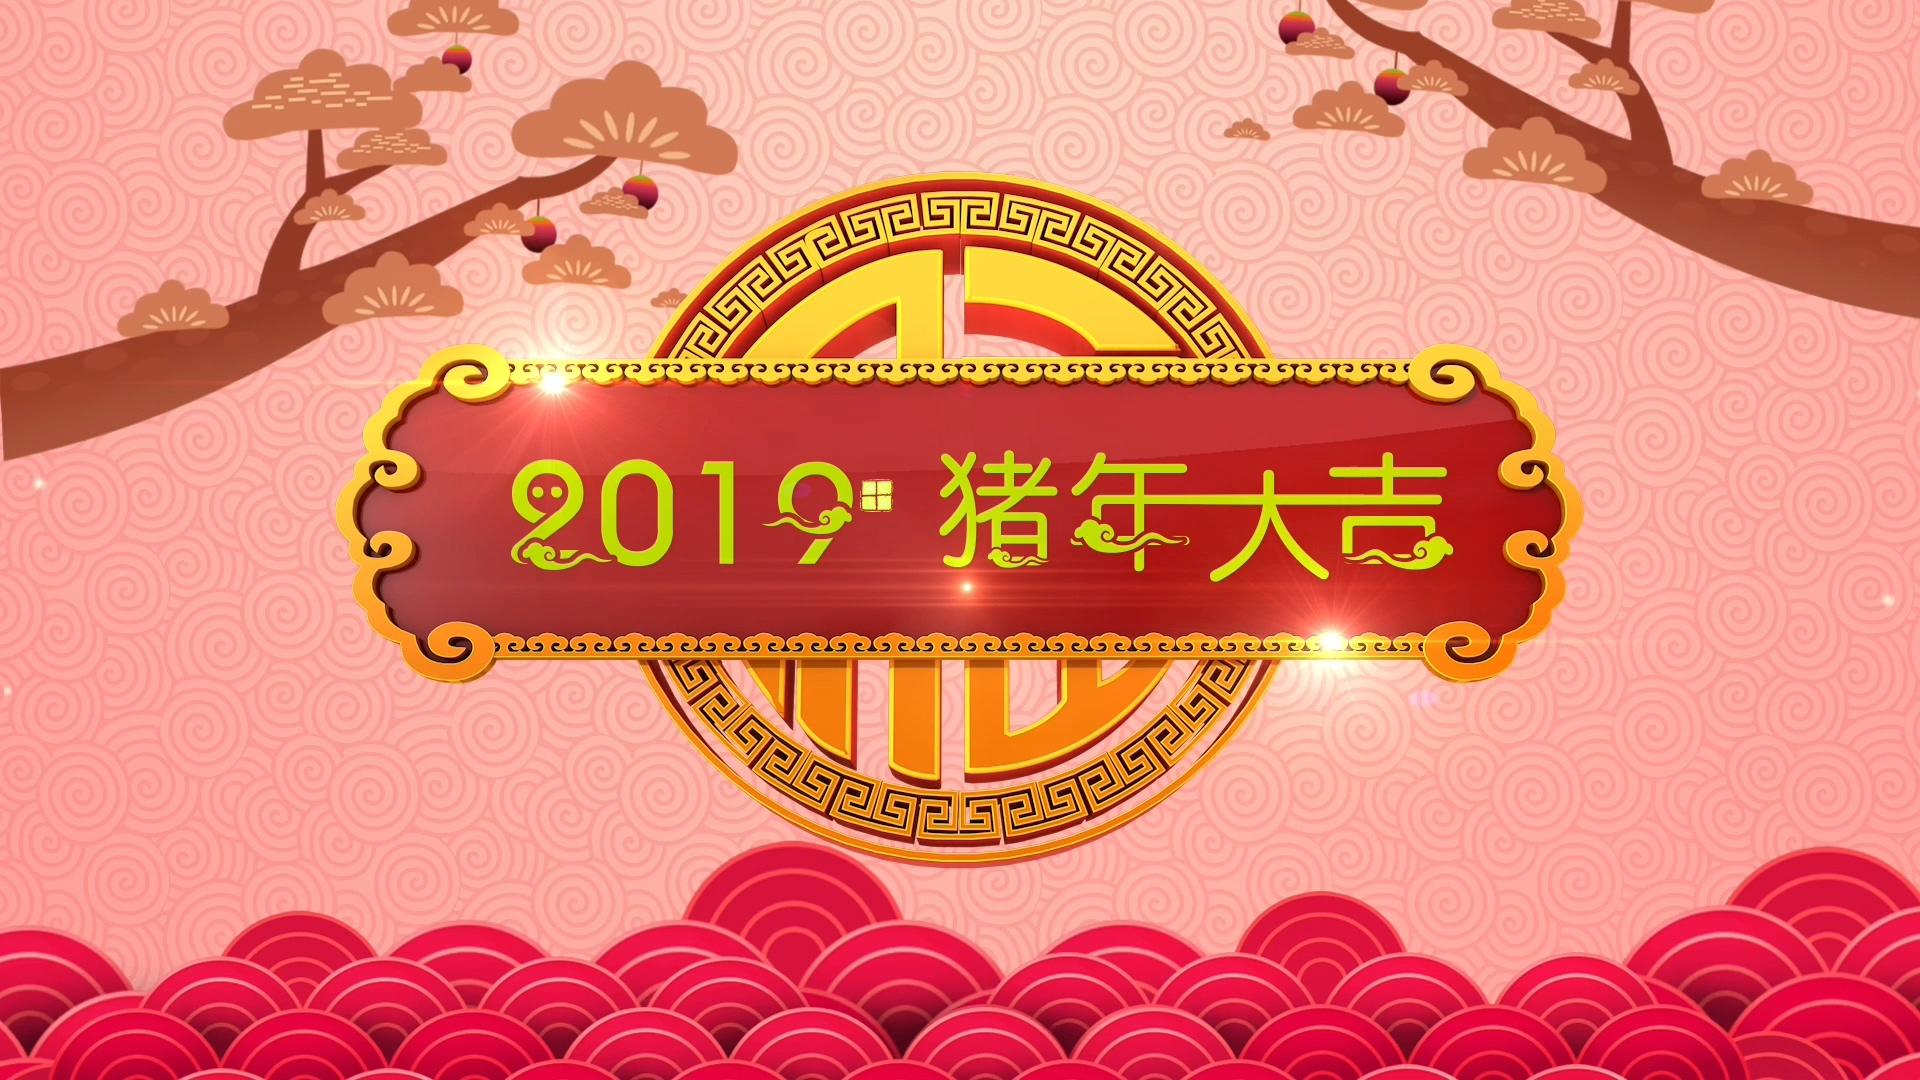 2019猪年大吉春晚年会背景视频素材